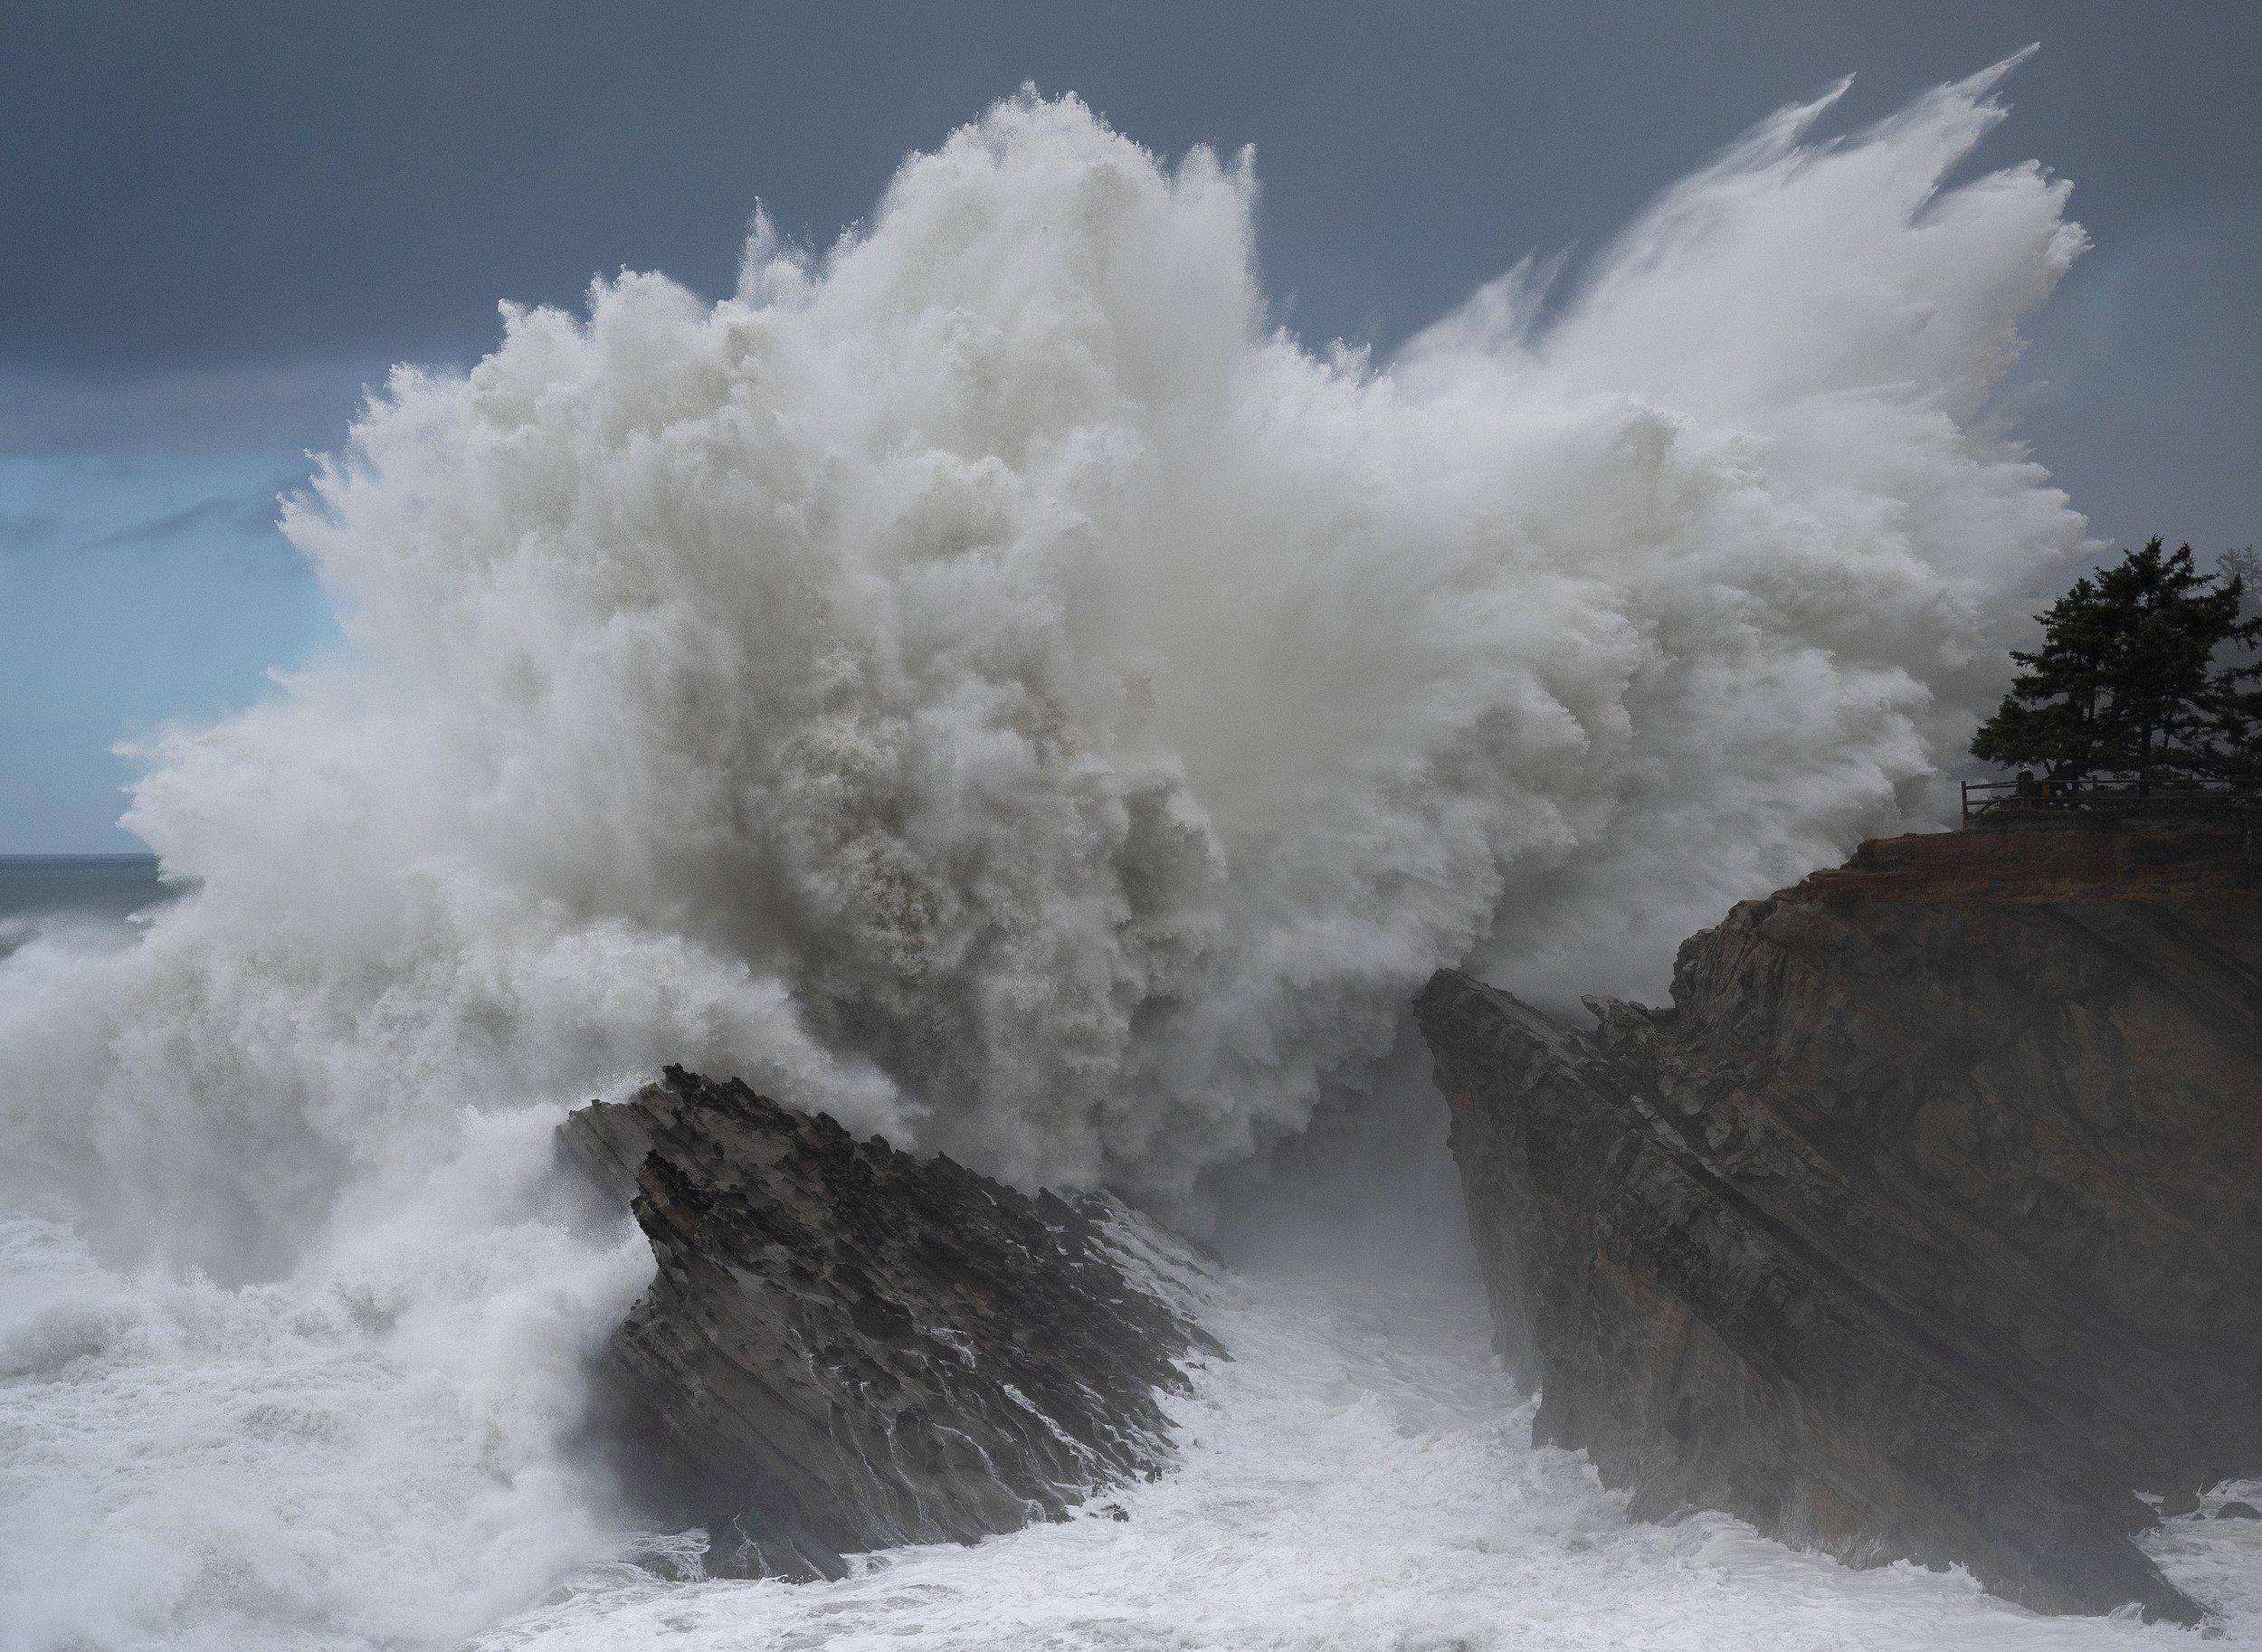 Das Bild zeigt, wie eine Welle voller Kraft gegen Felsen kracht.